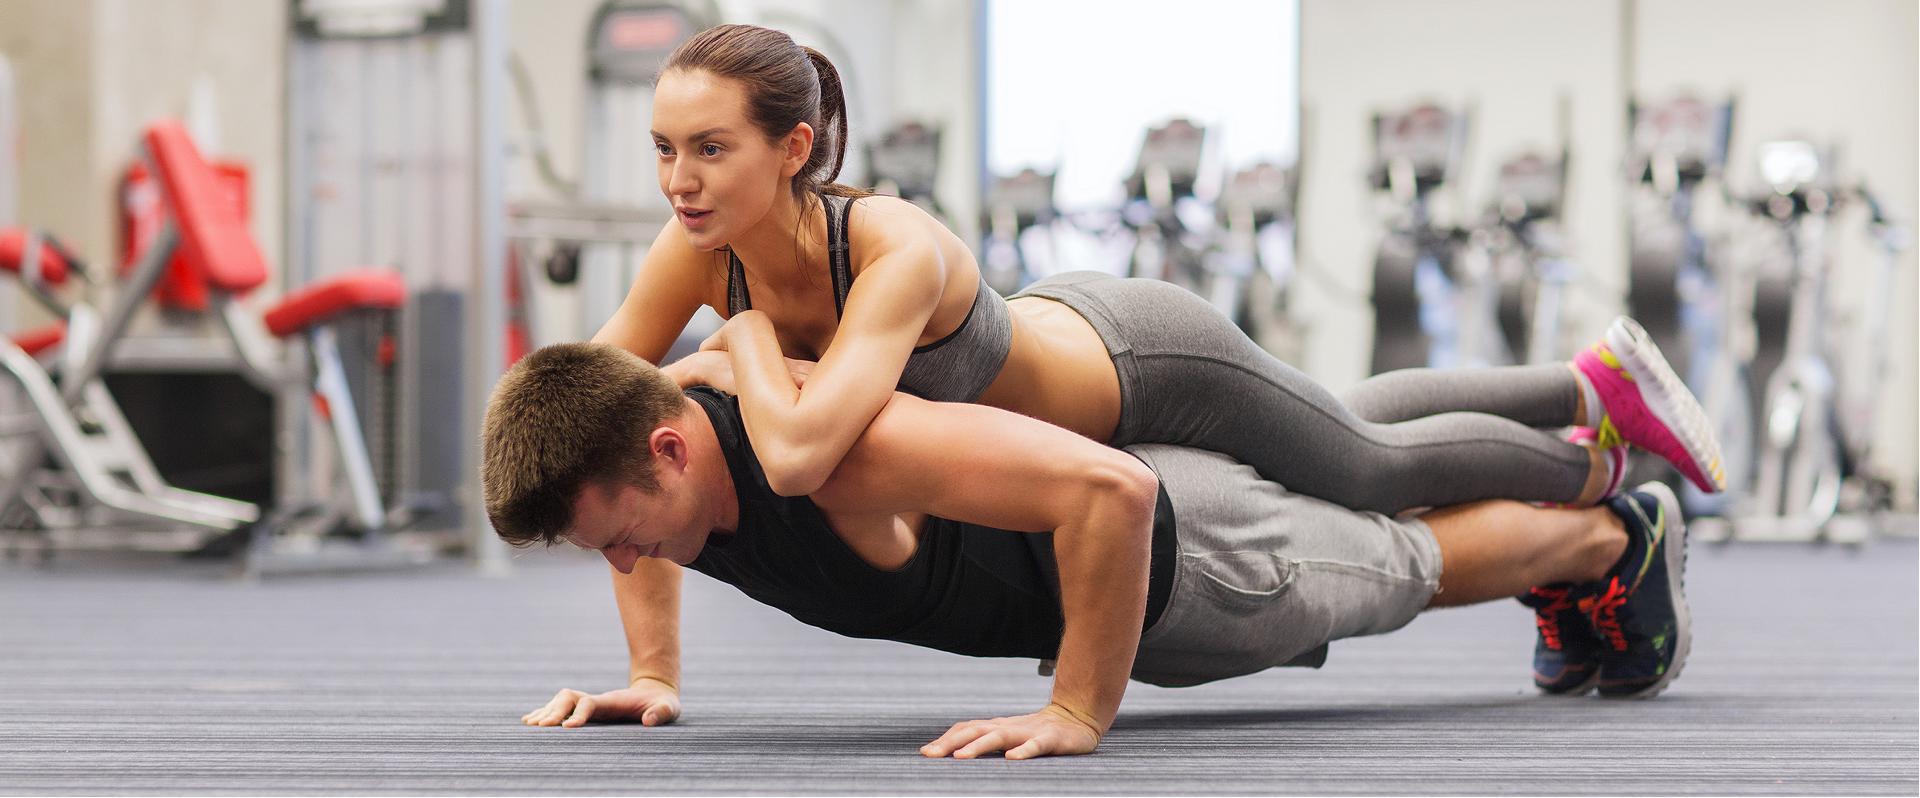 Fitness Kurs online buchen